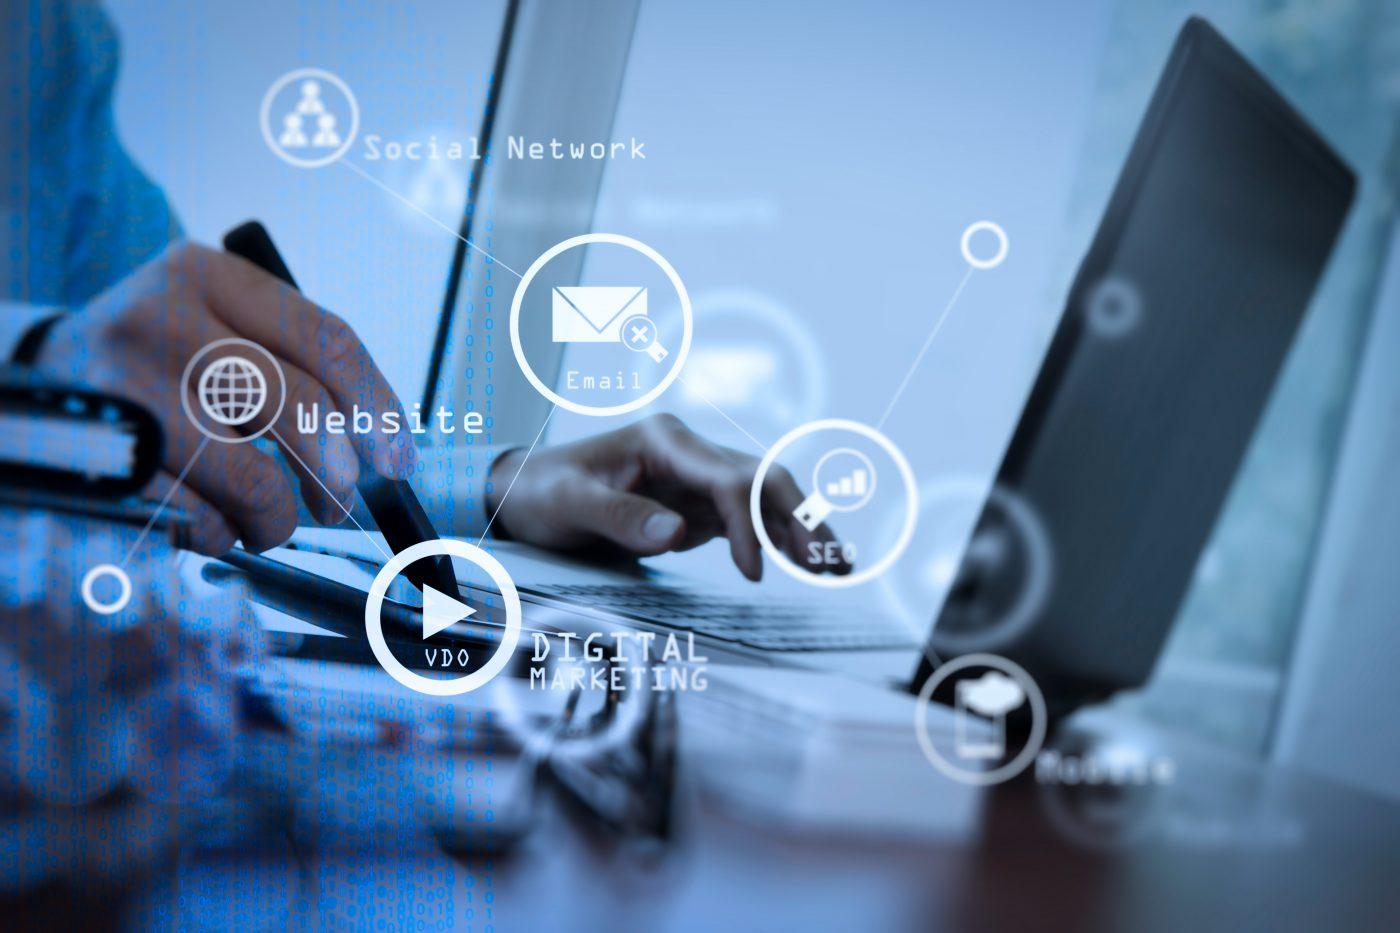 【デジタルマーケティング】BtoBマーケ×AI活用の可能性は? 経験と勘頼みからの脱却へ DataRobot Japan・シバタアキラ